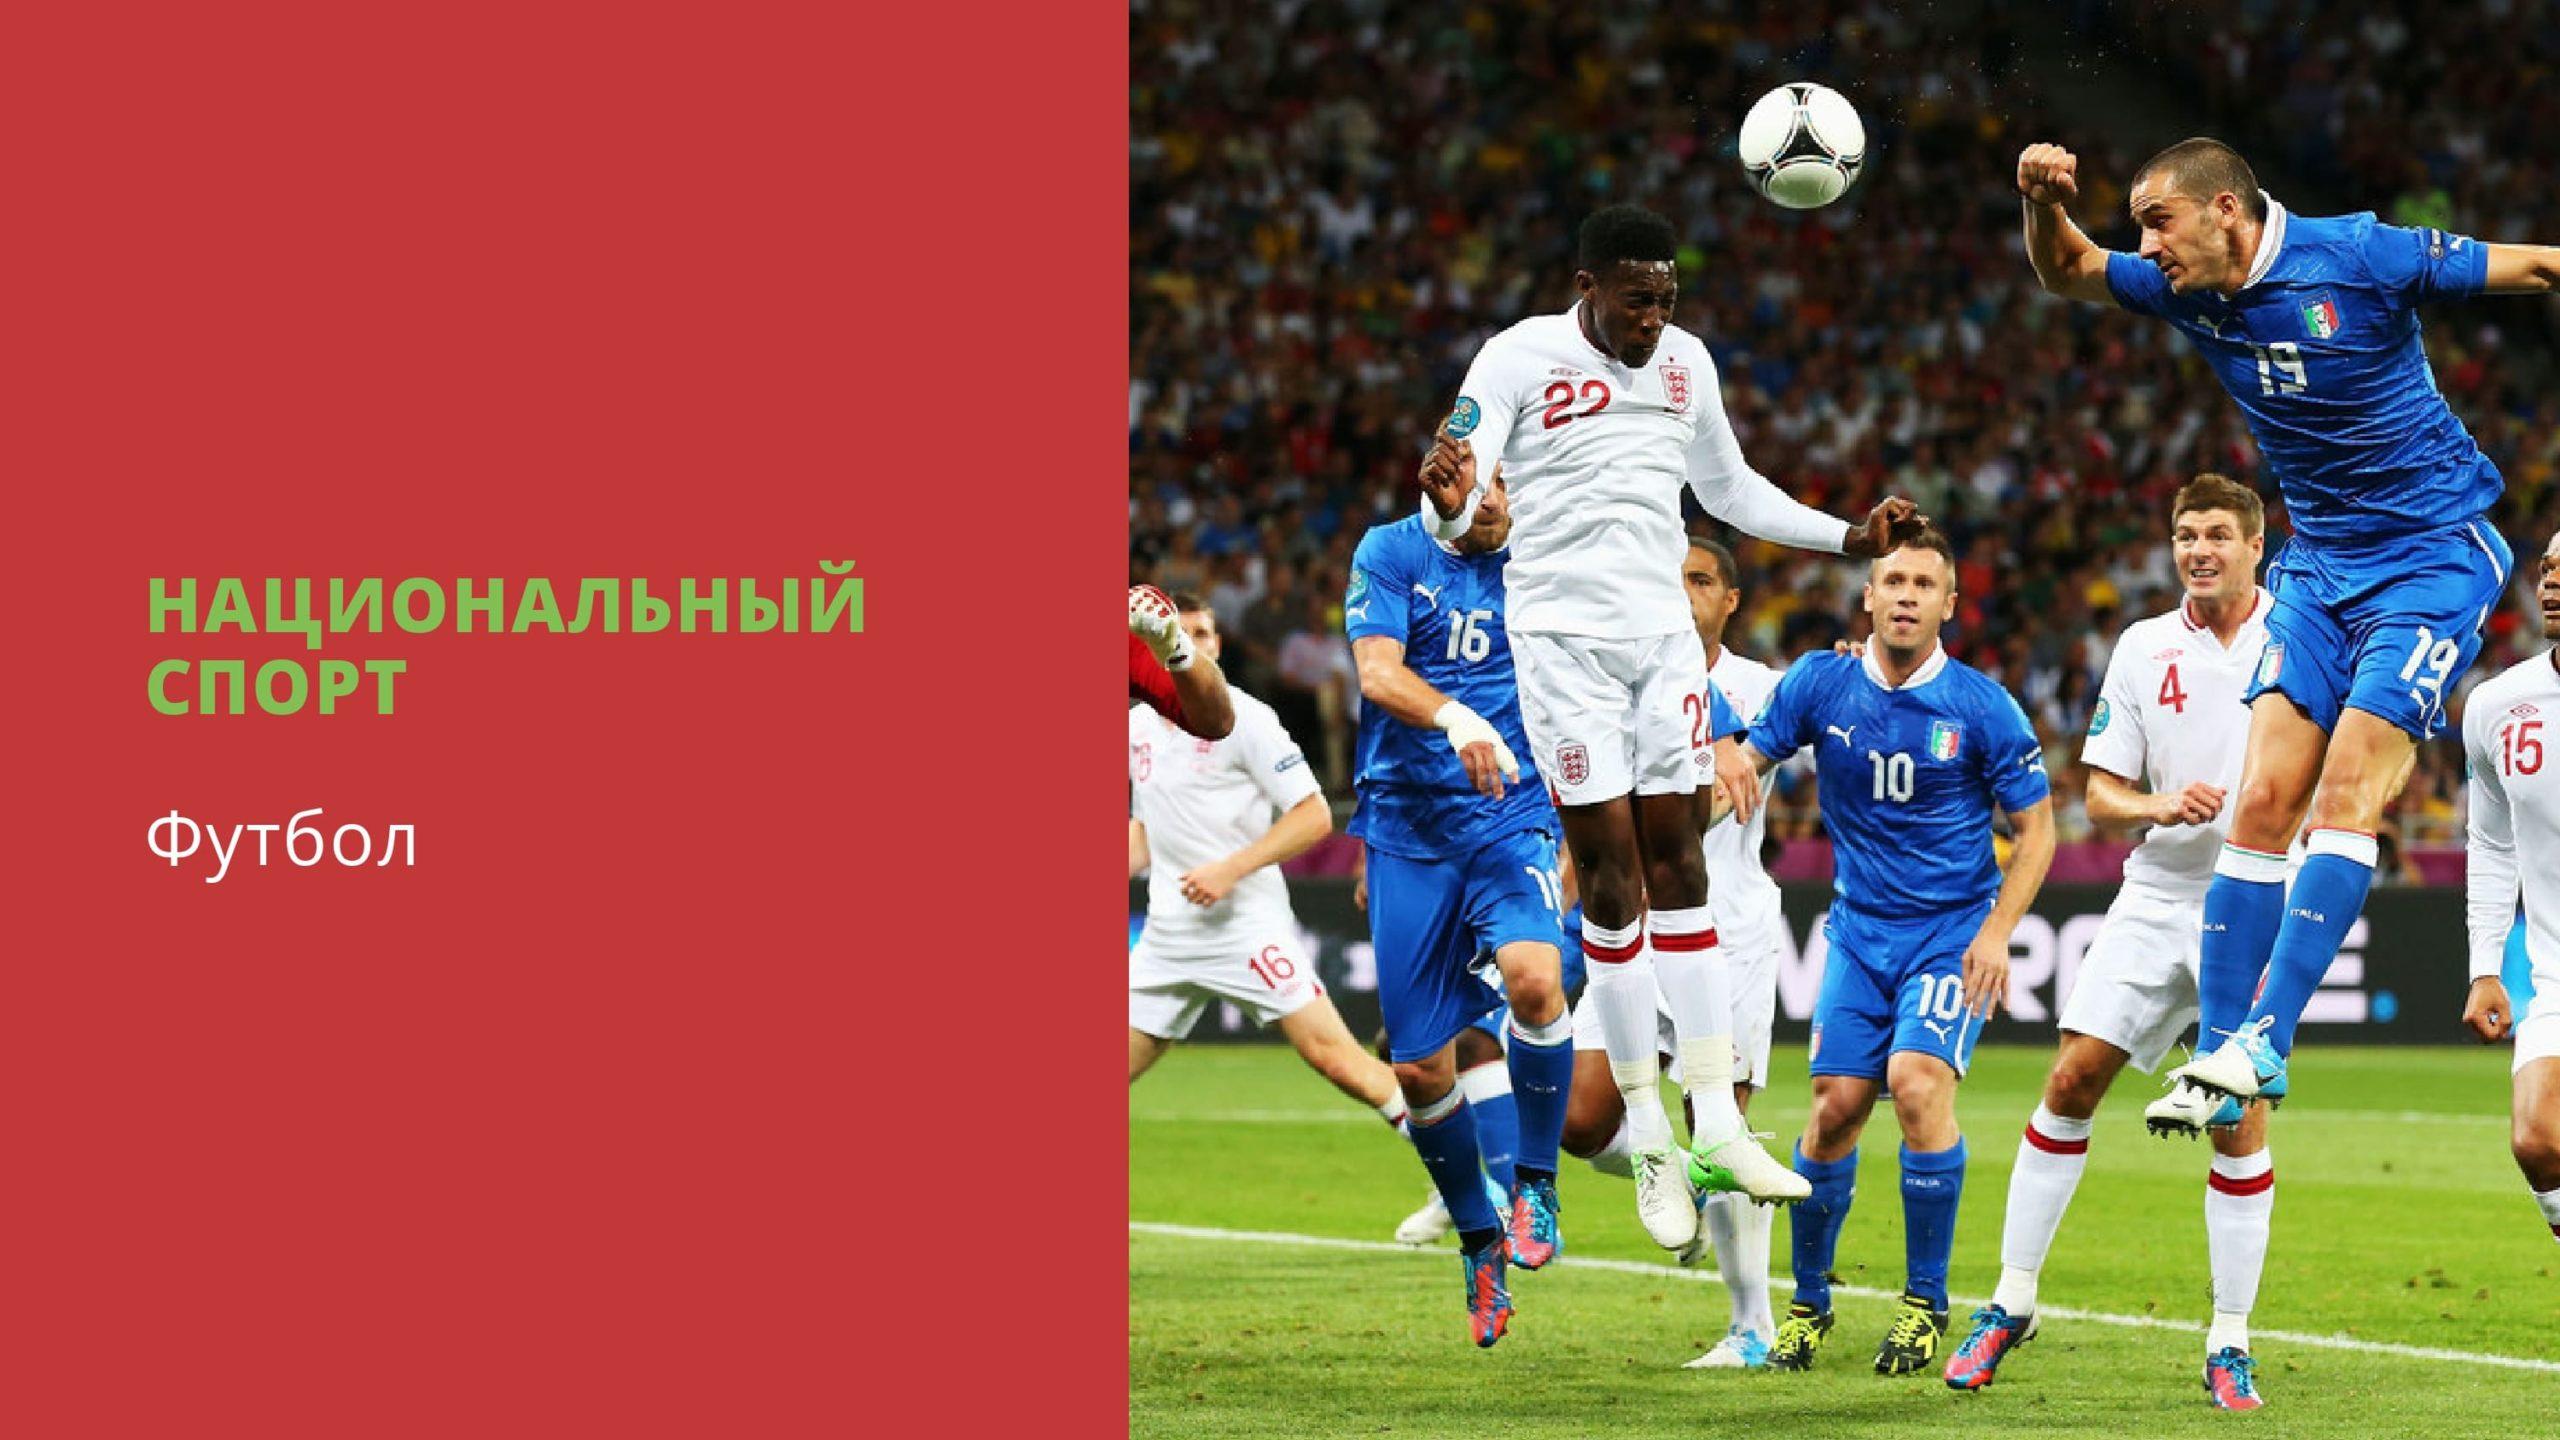 Национальный спорт - футбол